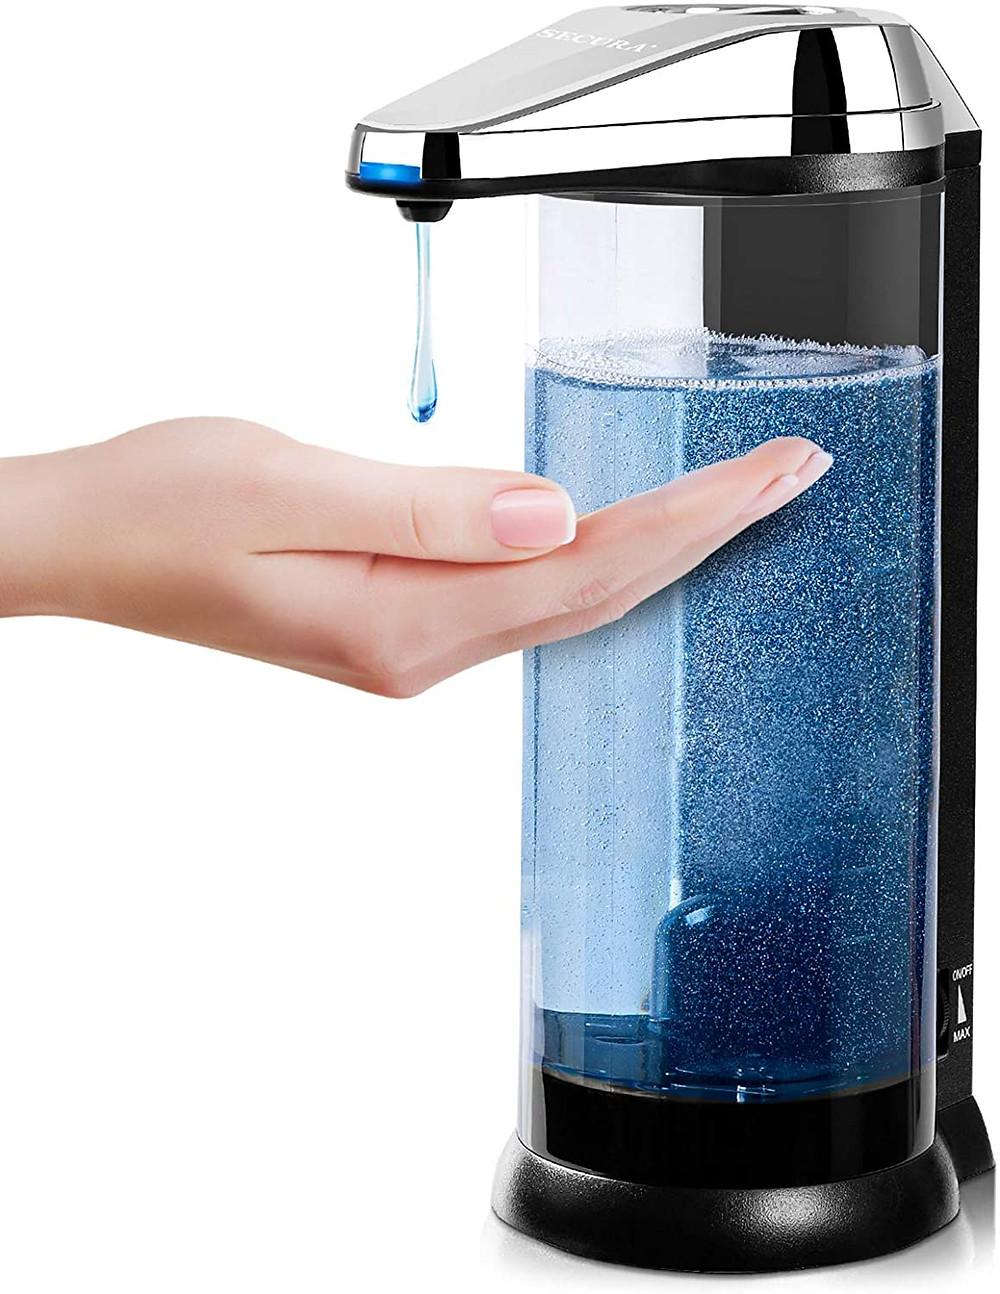 Secura Touchless Dispenser for Soap